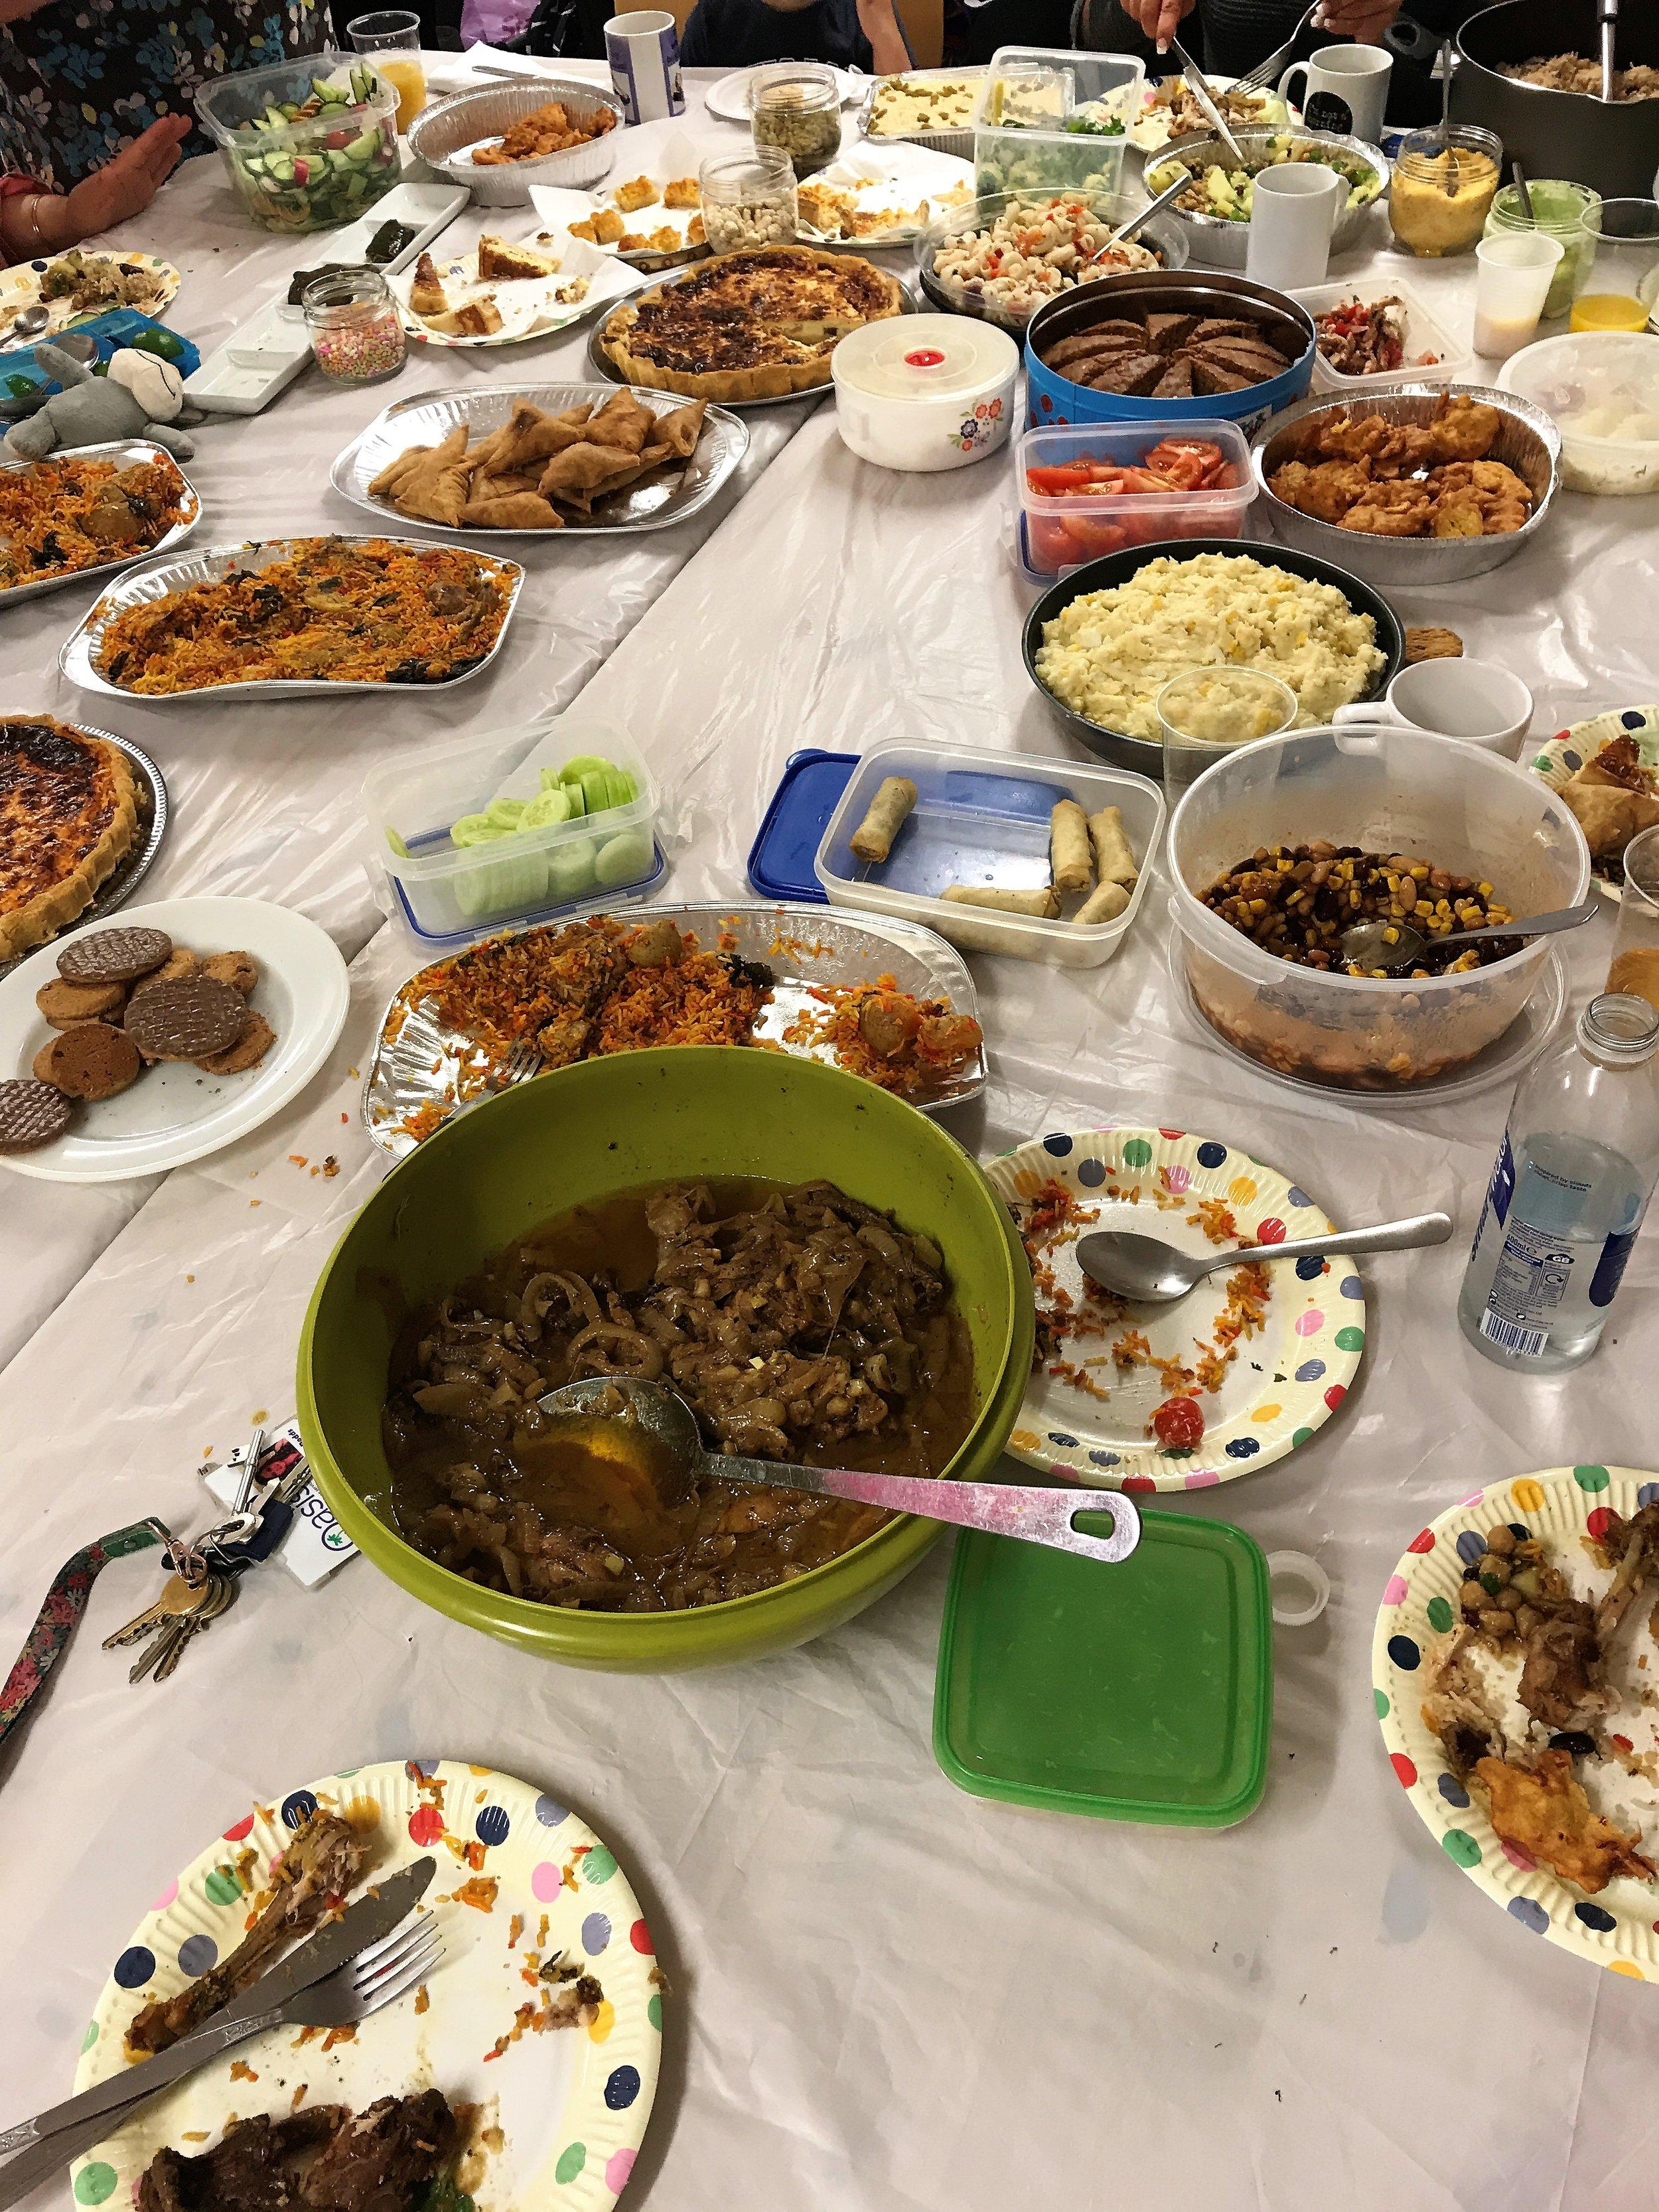 eid food on table 2.jpg